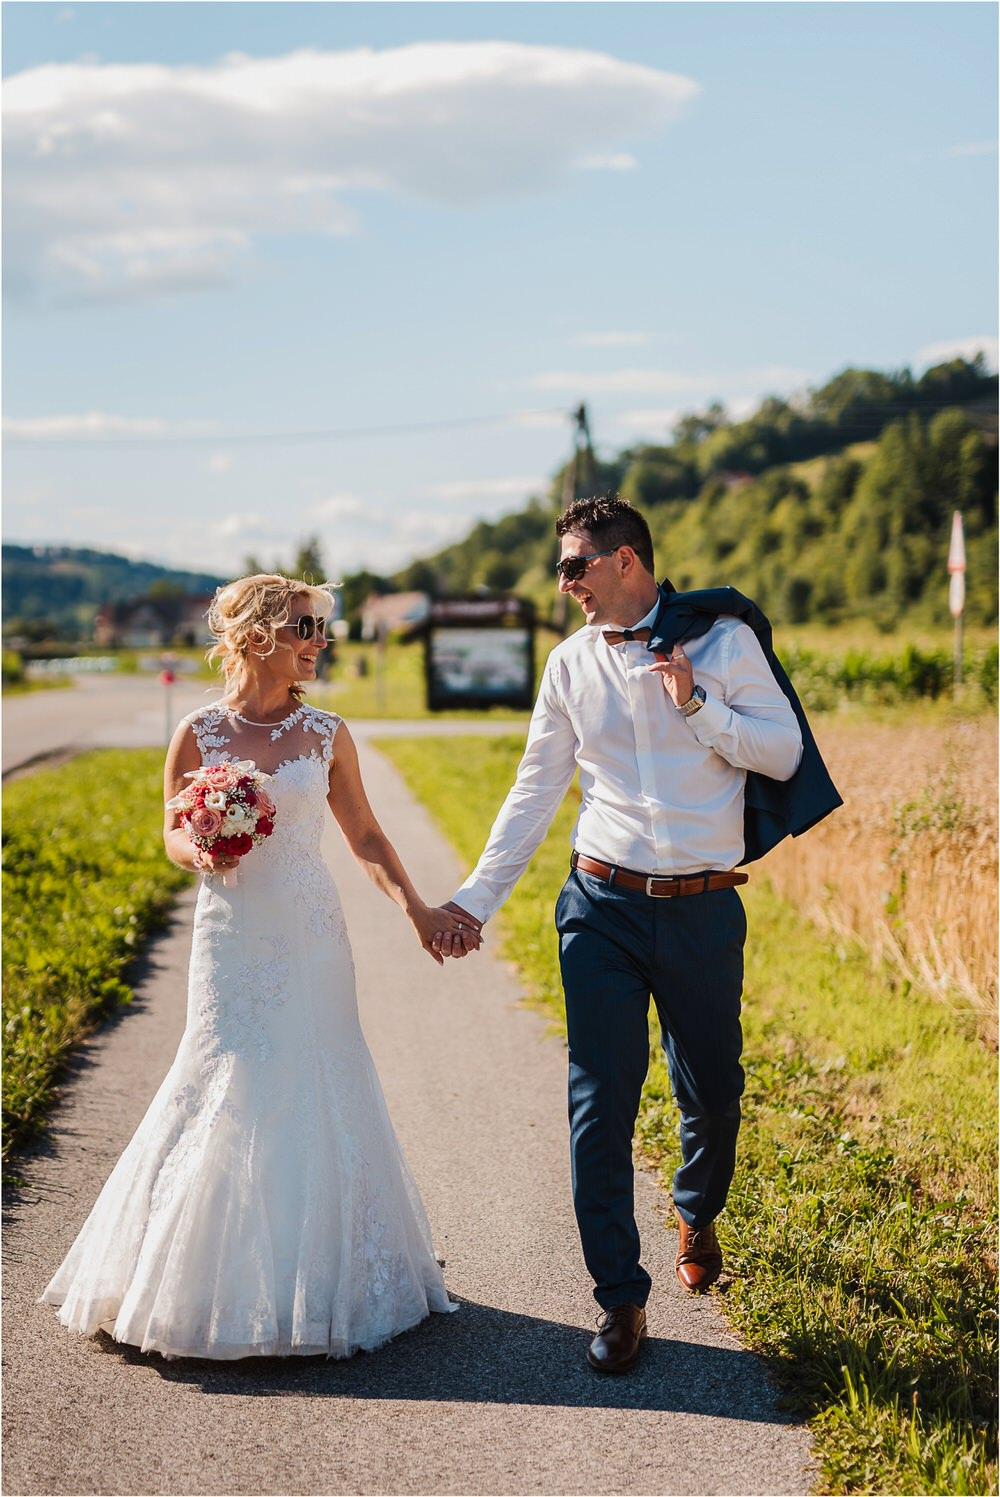 slovenia maribor wedding goriska brda poroka porocni fotograf slovenija porocno fotografiranje maribor ljubljana zemono svicarija 0052.jpg